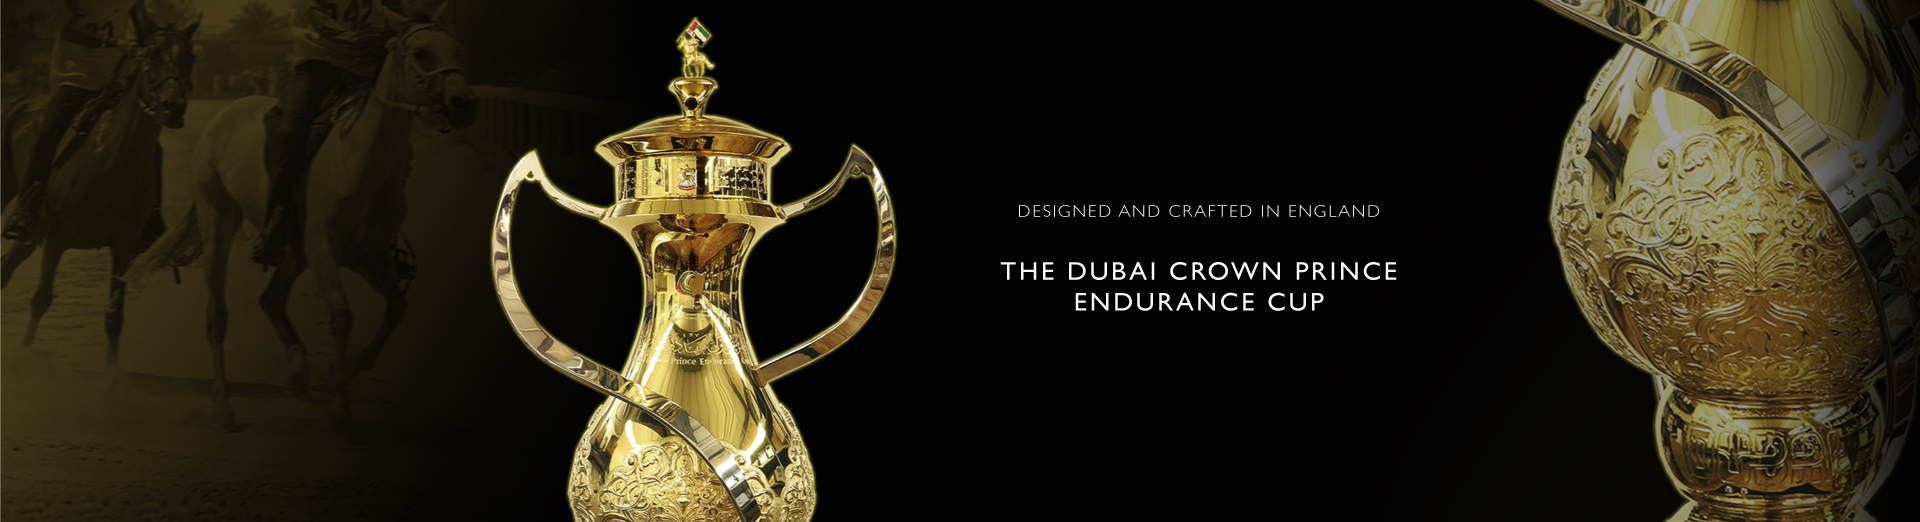 The Dubai Crown Prince Endurance Cup